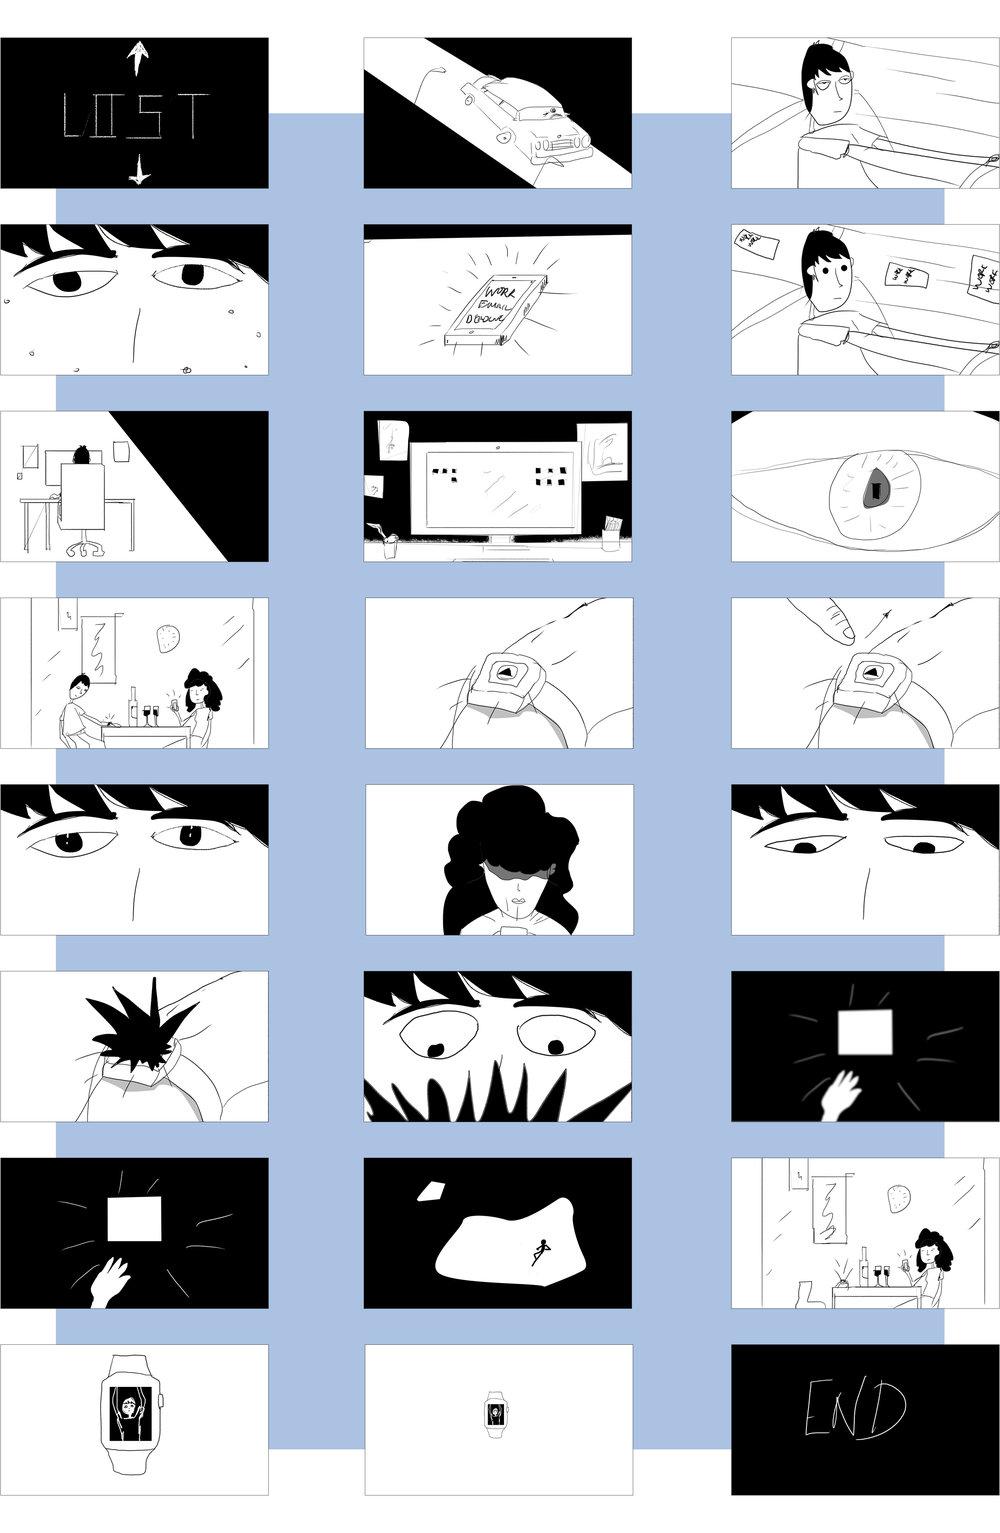 story-board.jpg